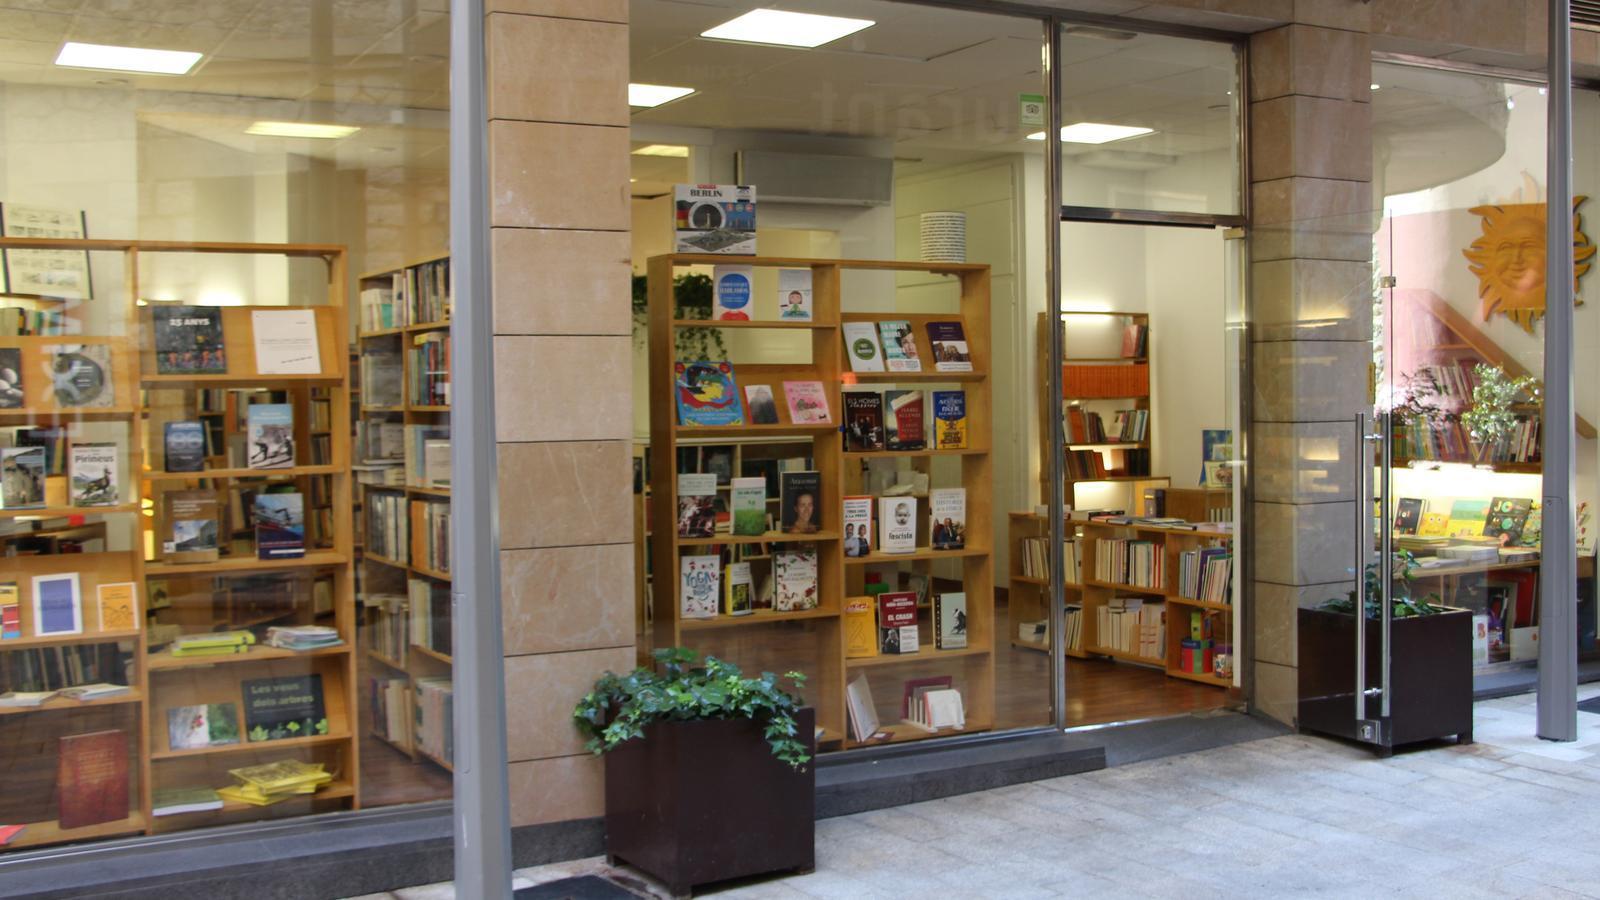 El nou local de la Puça, al carrer Llacuna 2. / M. R. F. (ANA)